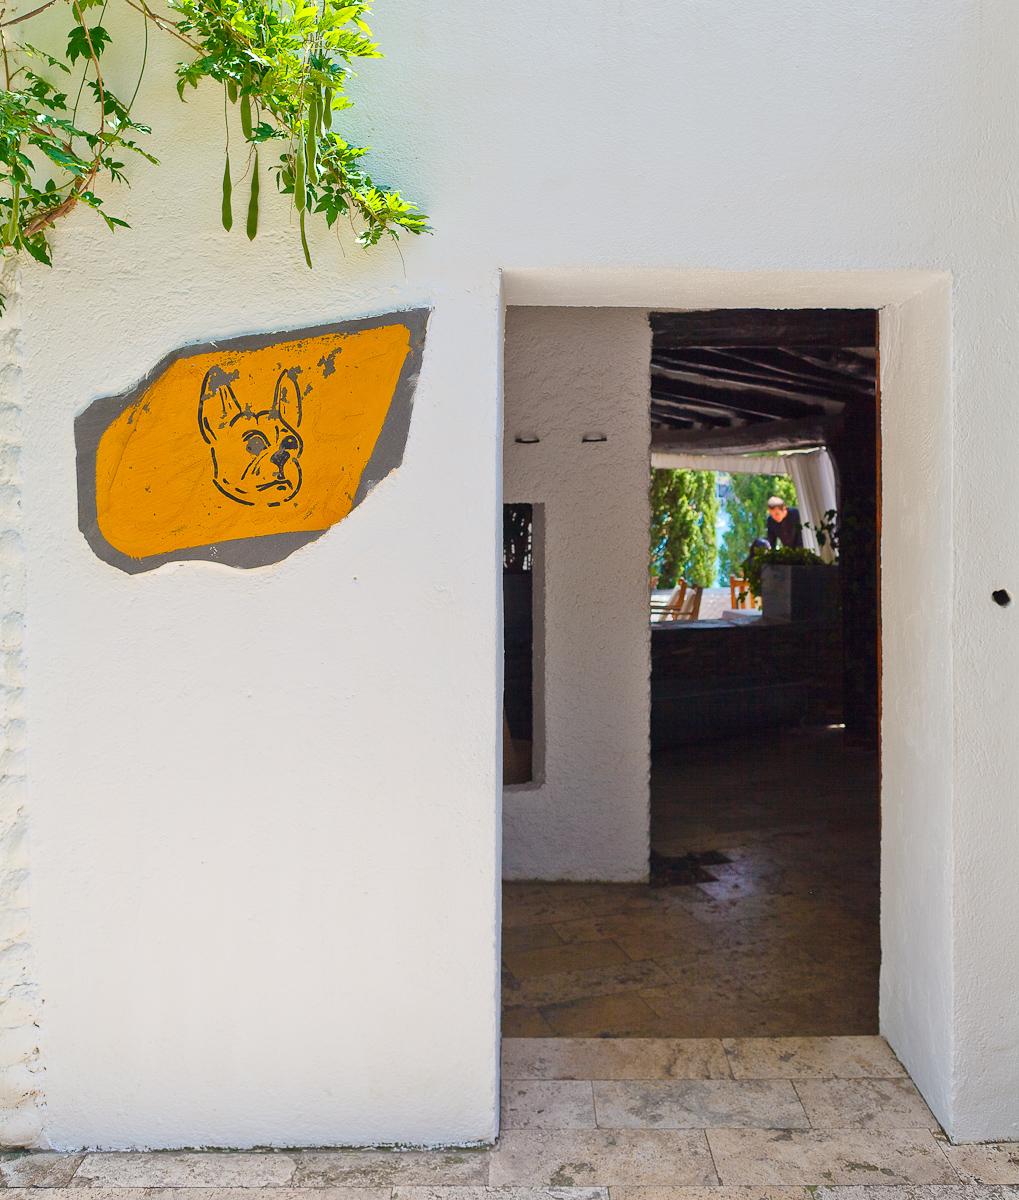 El Bulli, Spain - Entrance to El Bullí